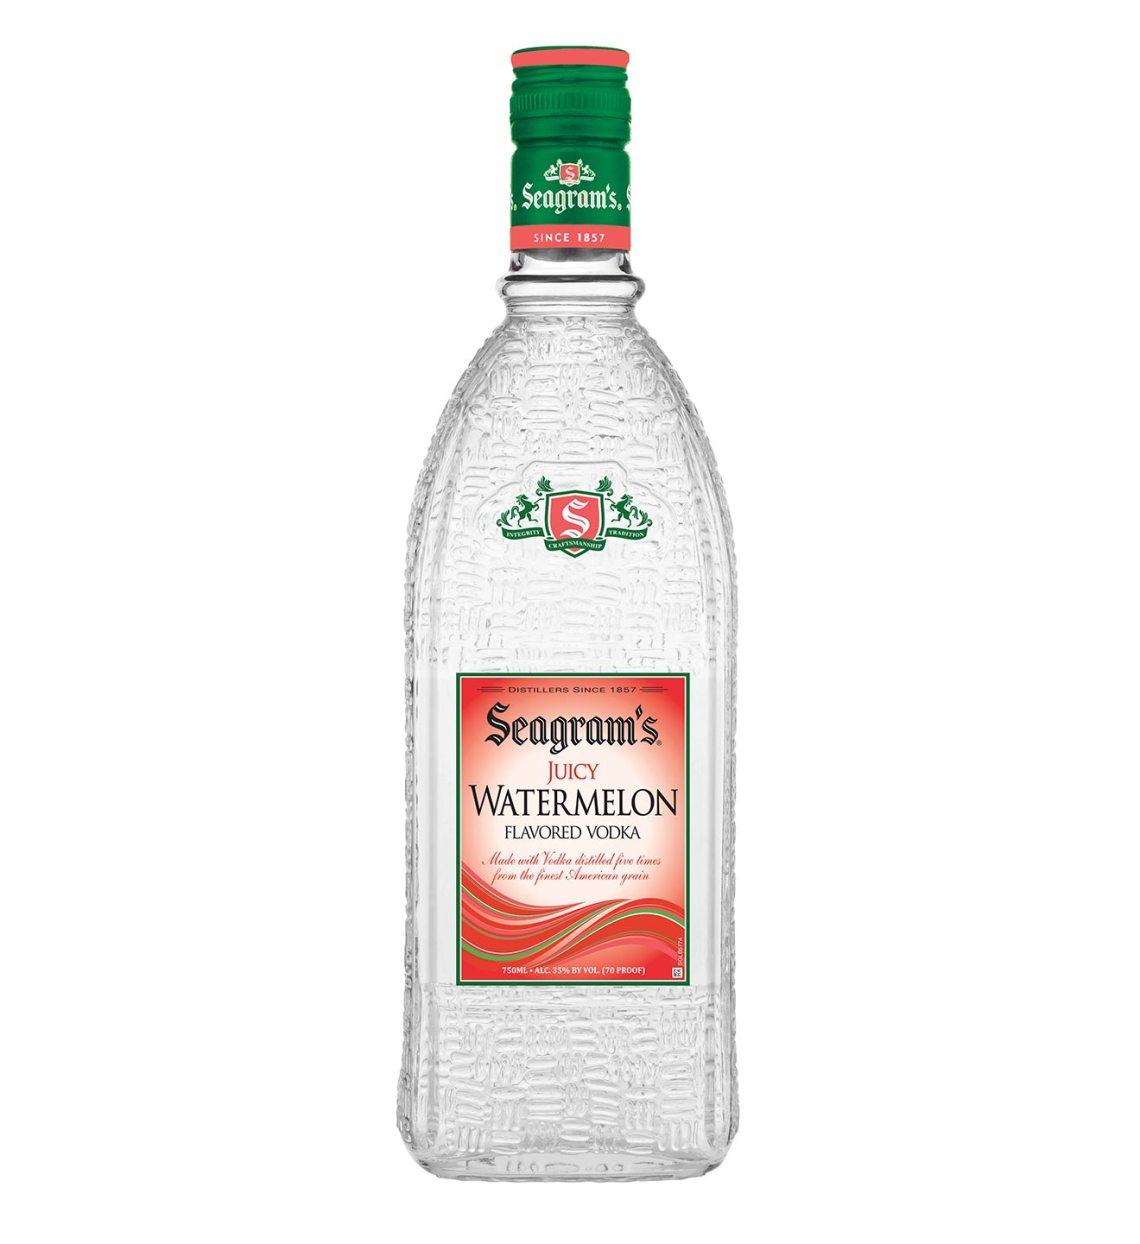 Seagram's Juicy Watermelon Vodka